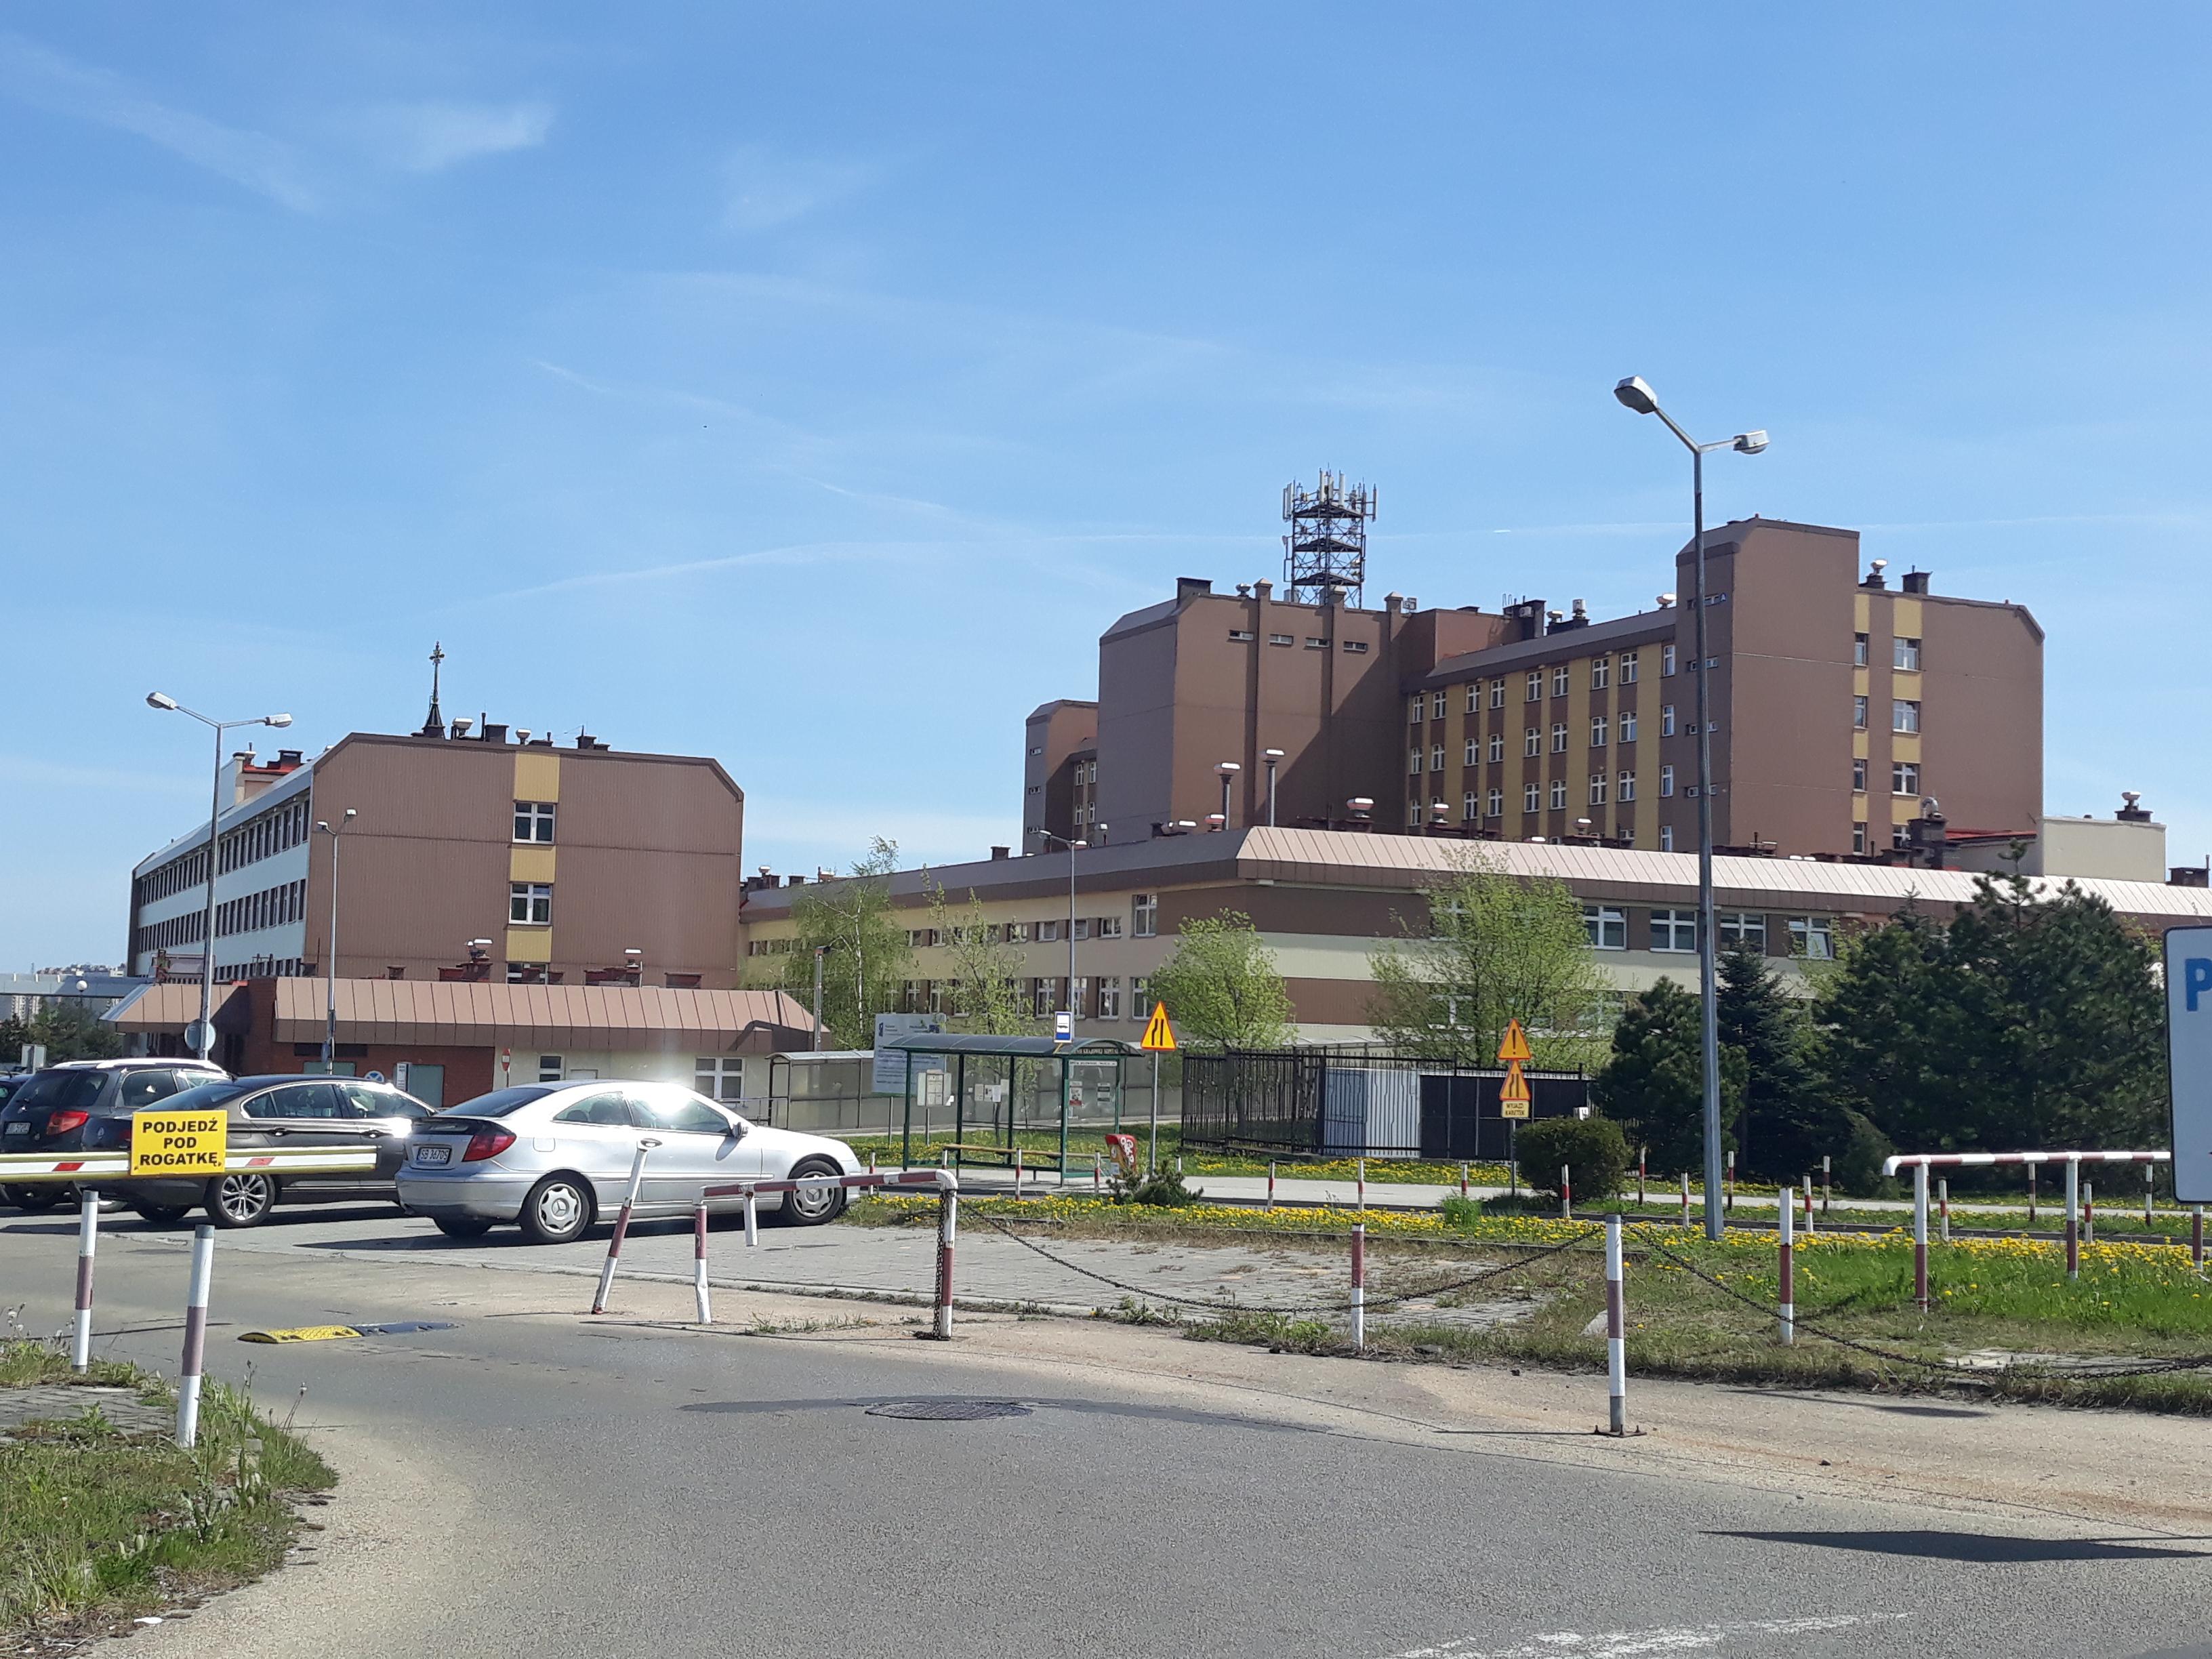 Bielski szpital wojewódzki: prace idą zgodnie z planem